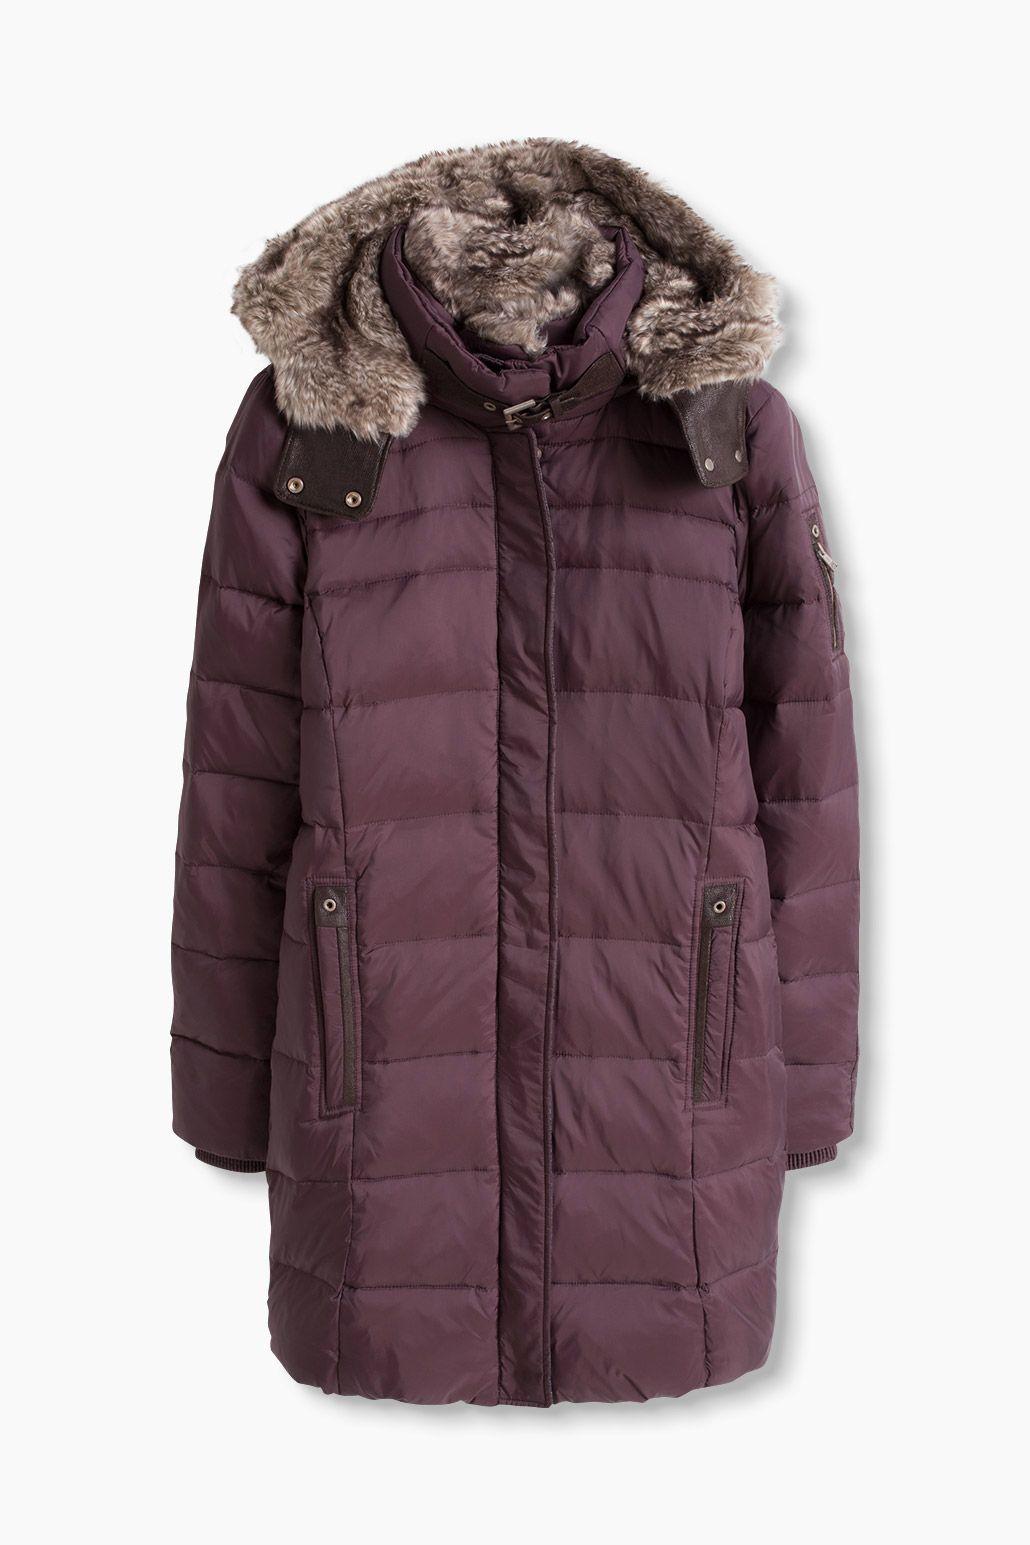 Esprit / Feminine down coat | Coats | Pinterest | Feminine, Coats ...